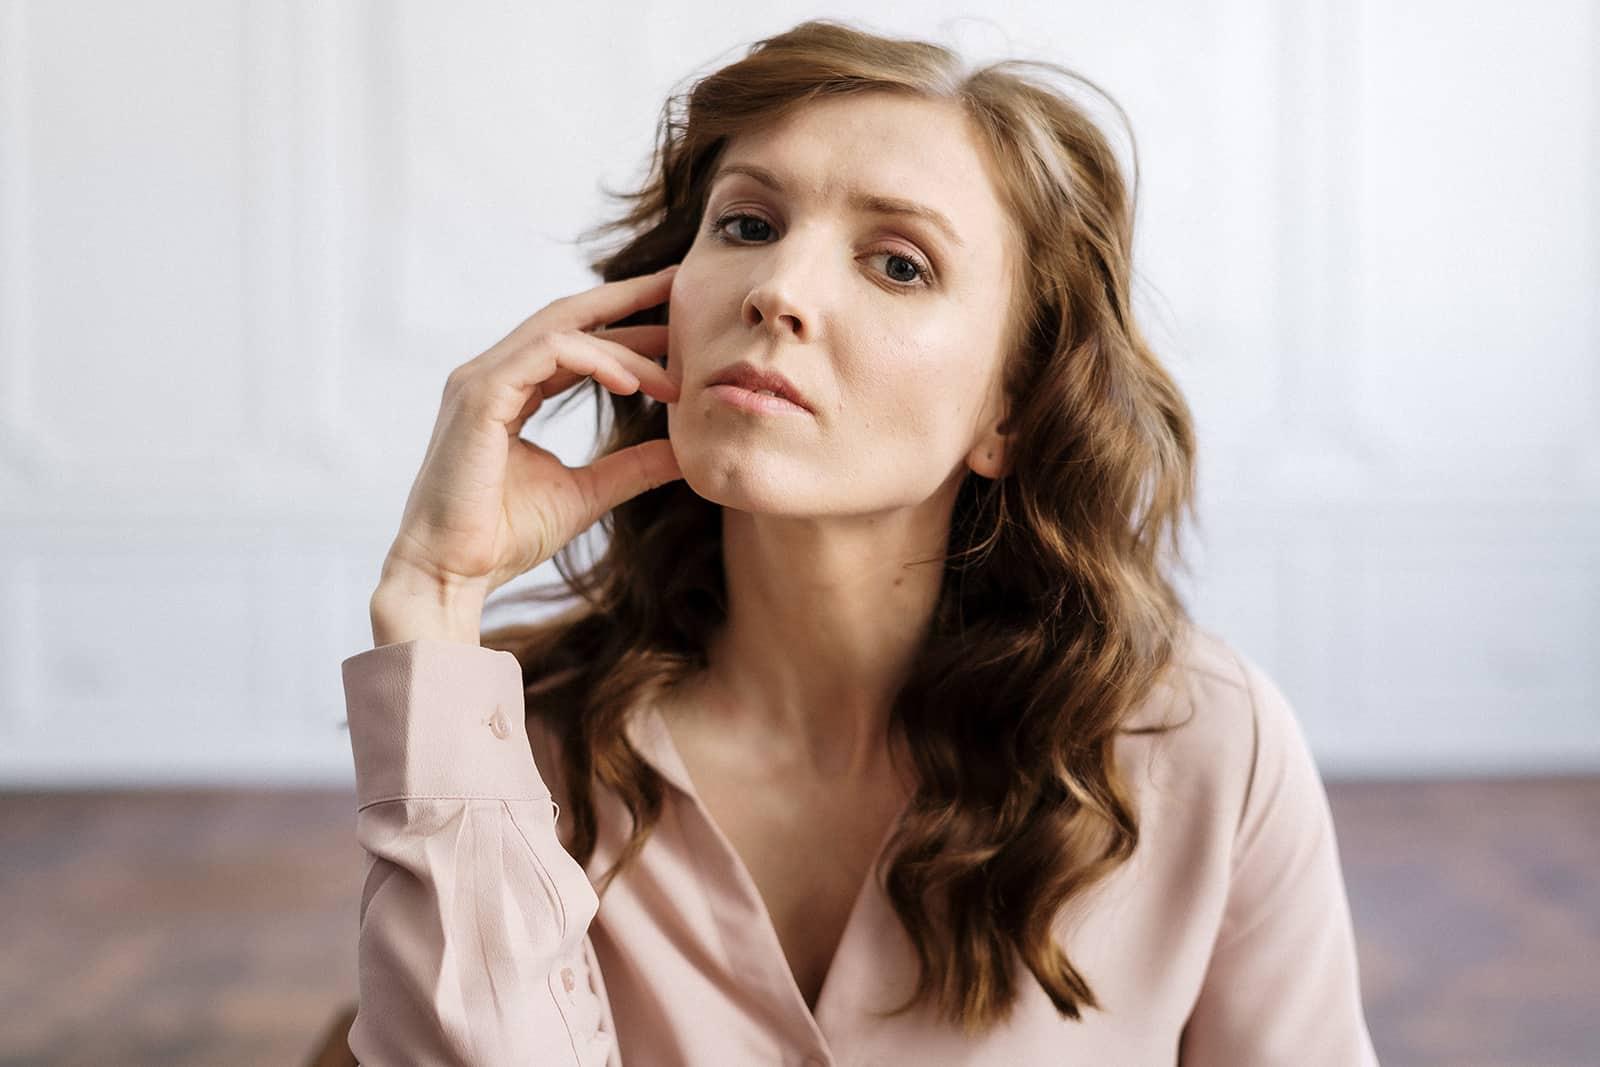 eine Frau mit langen braunen Haaren denkt nach und berührt ihr Gesicht mit einer Hand